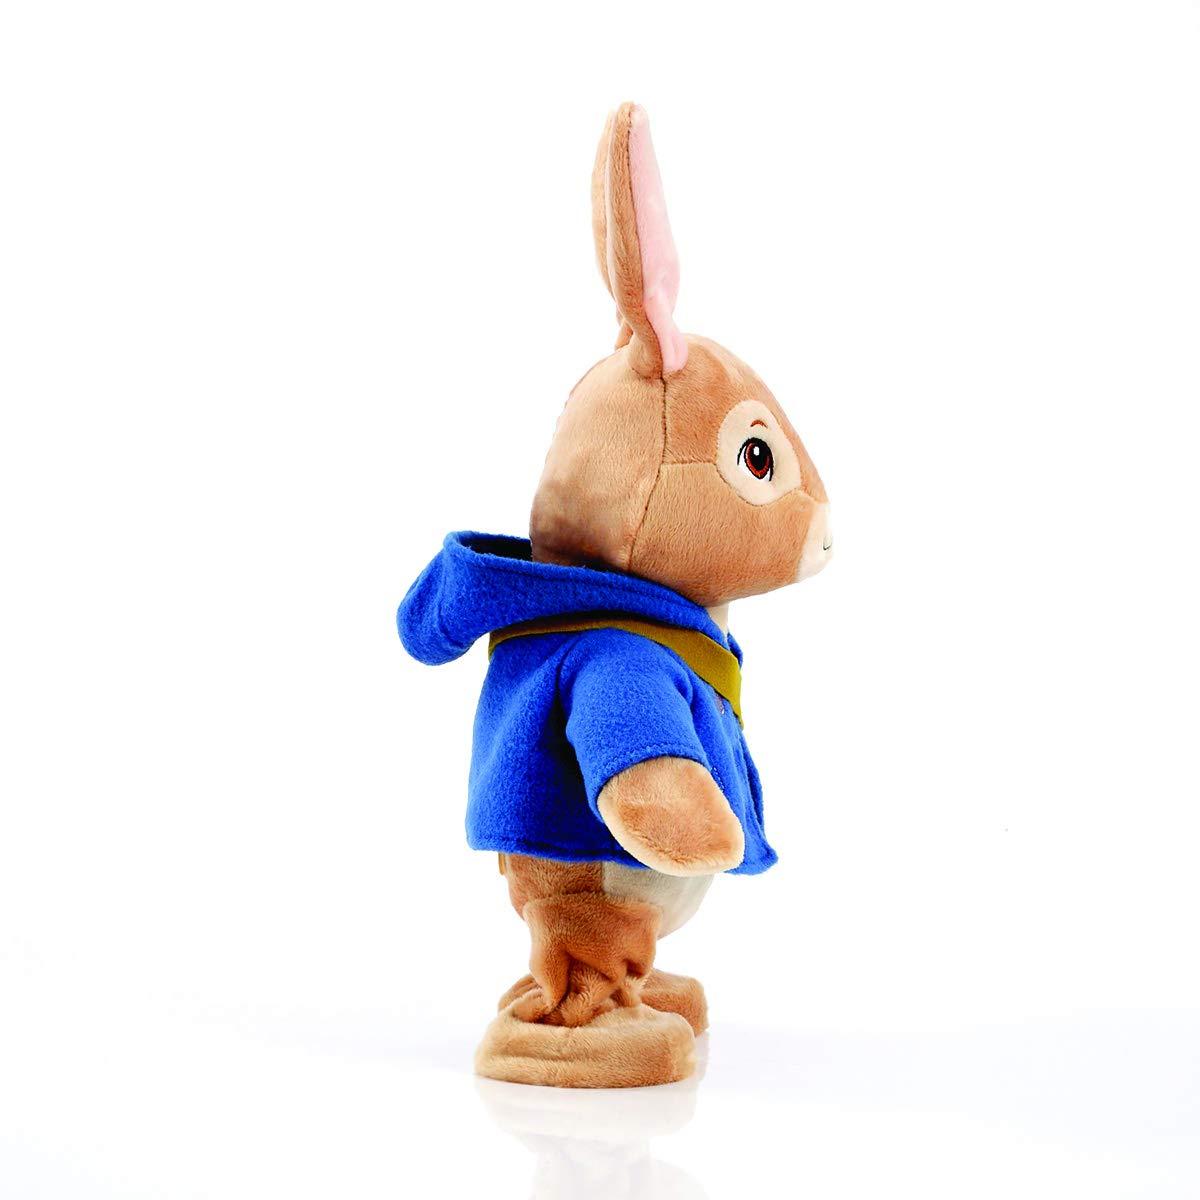 sauts de dict/ée et Peter Rabbit